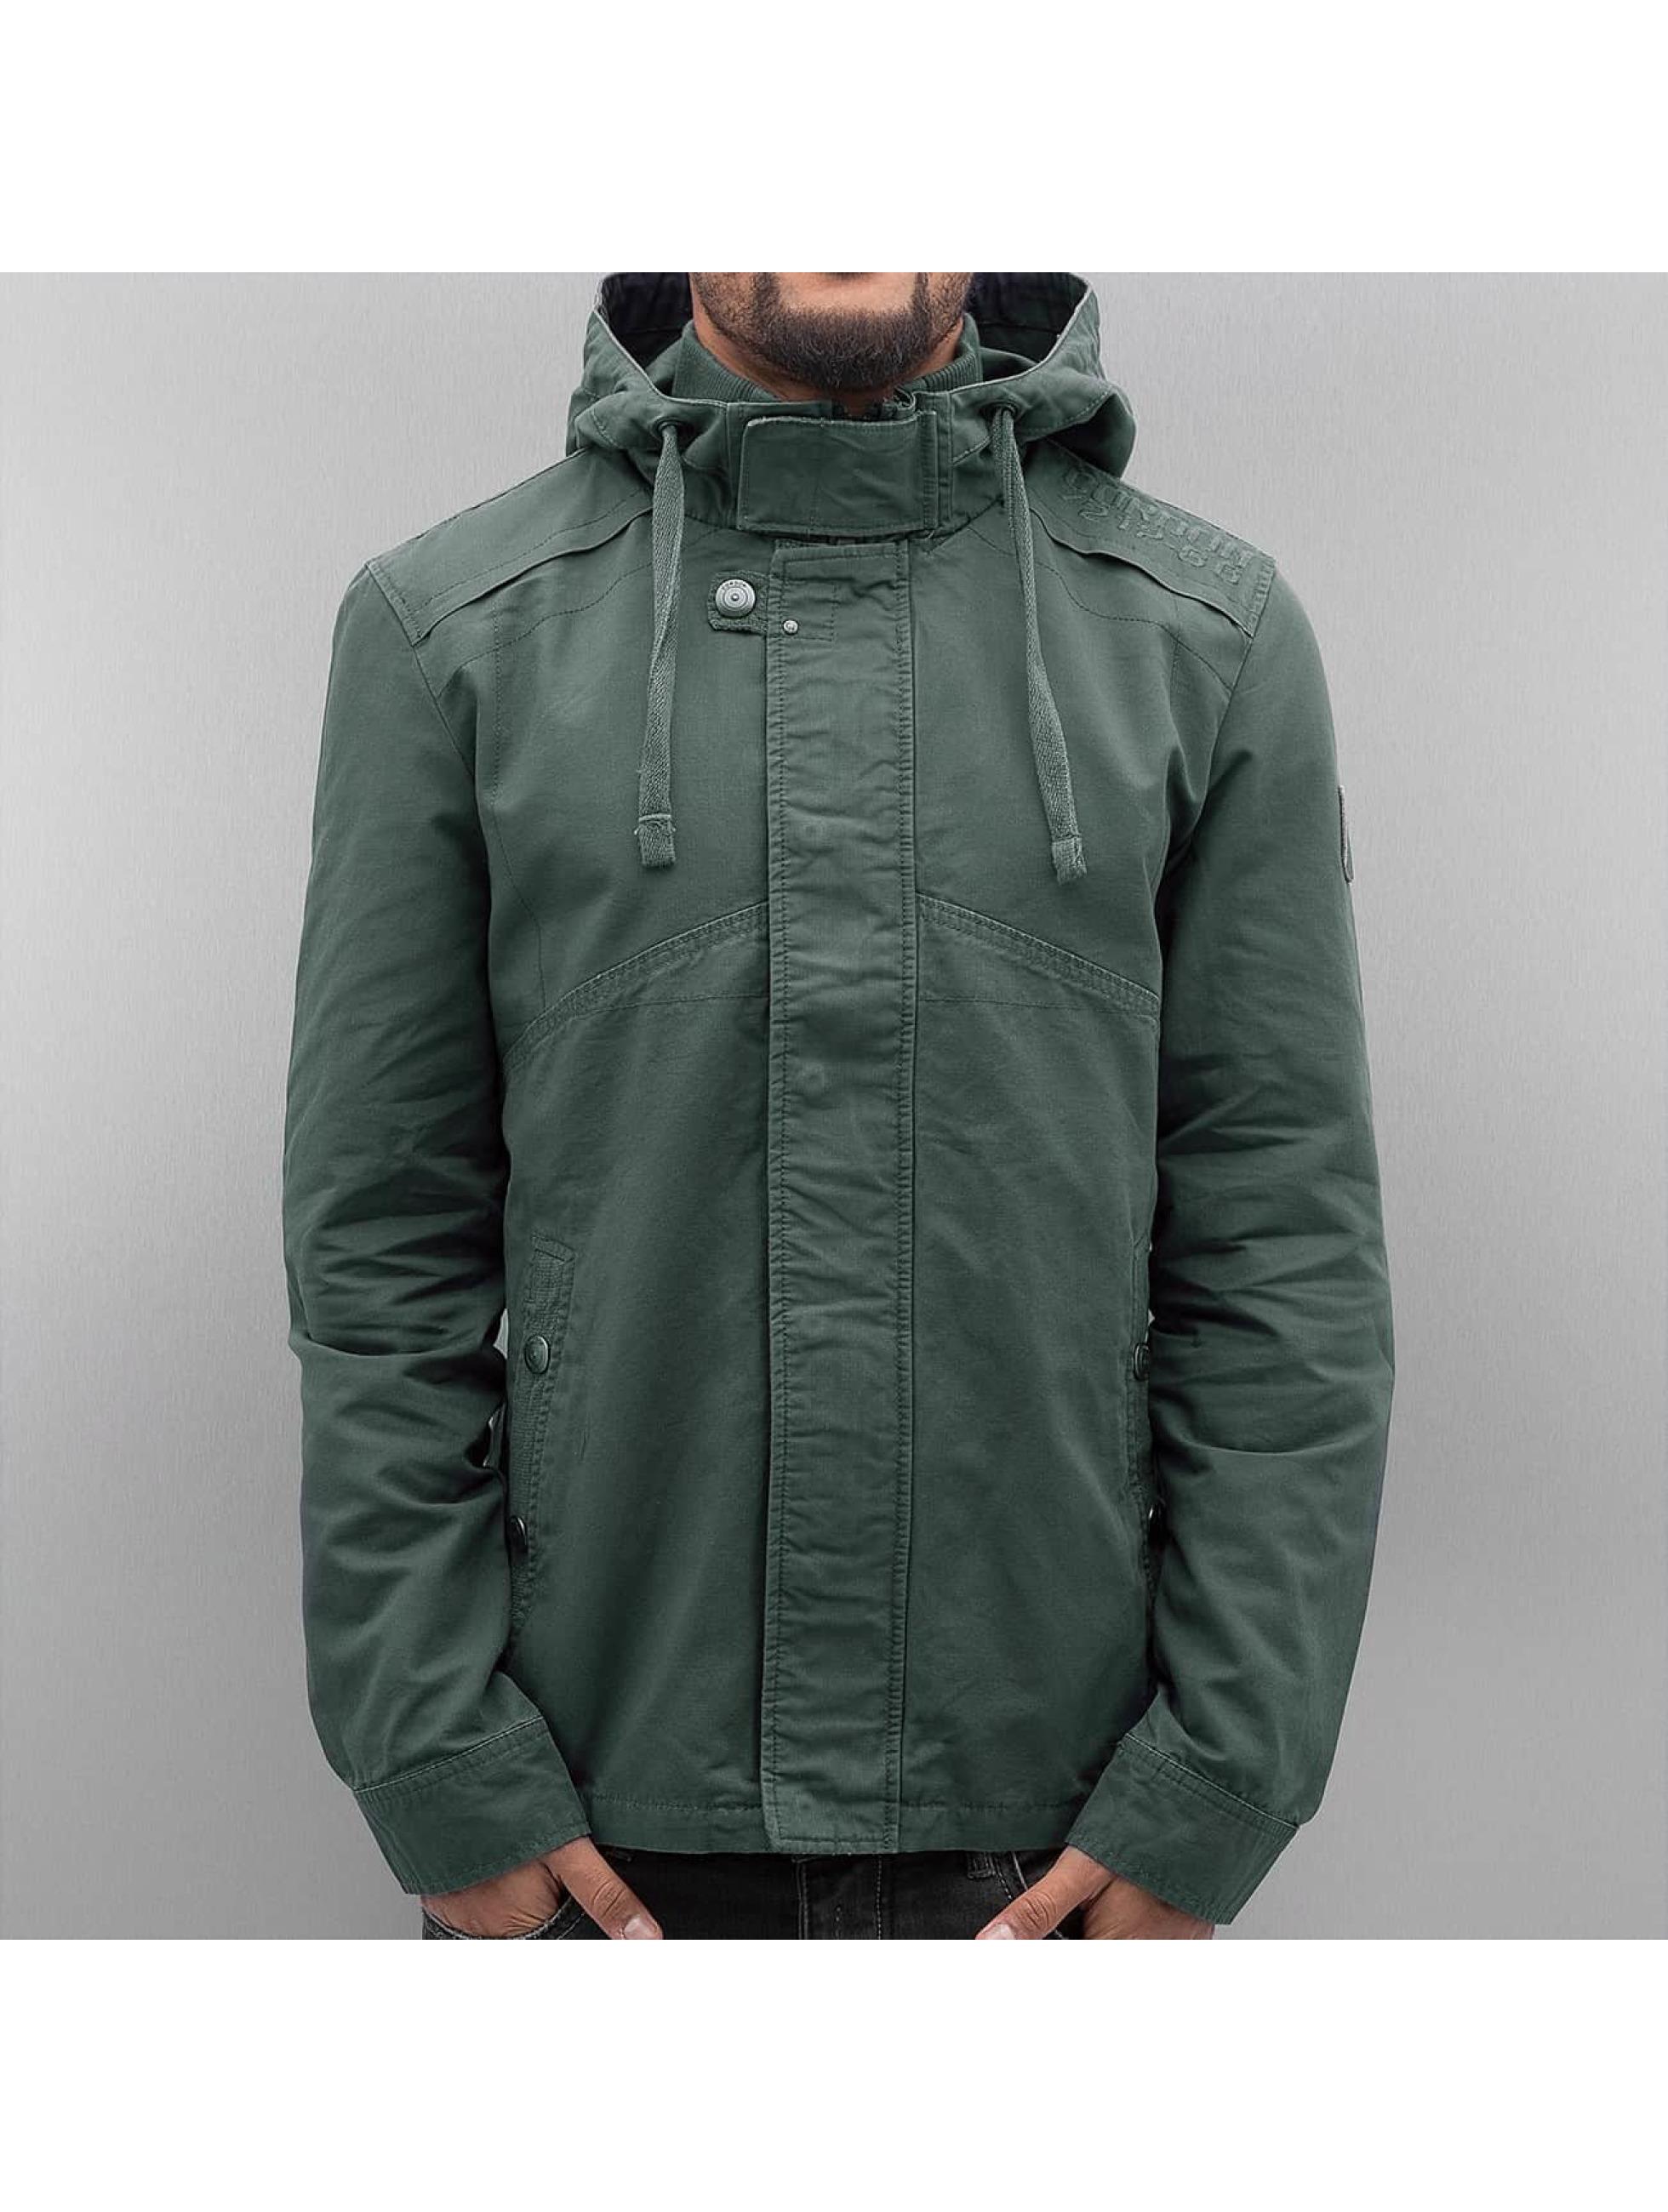 Cordon Veste mi-saison légère Jacket vert